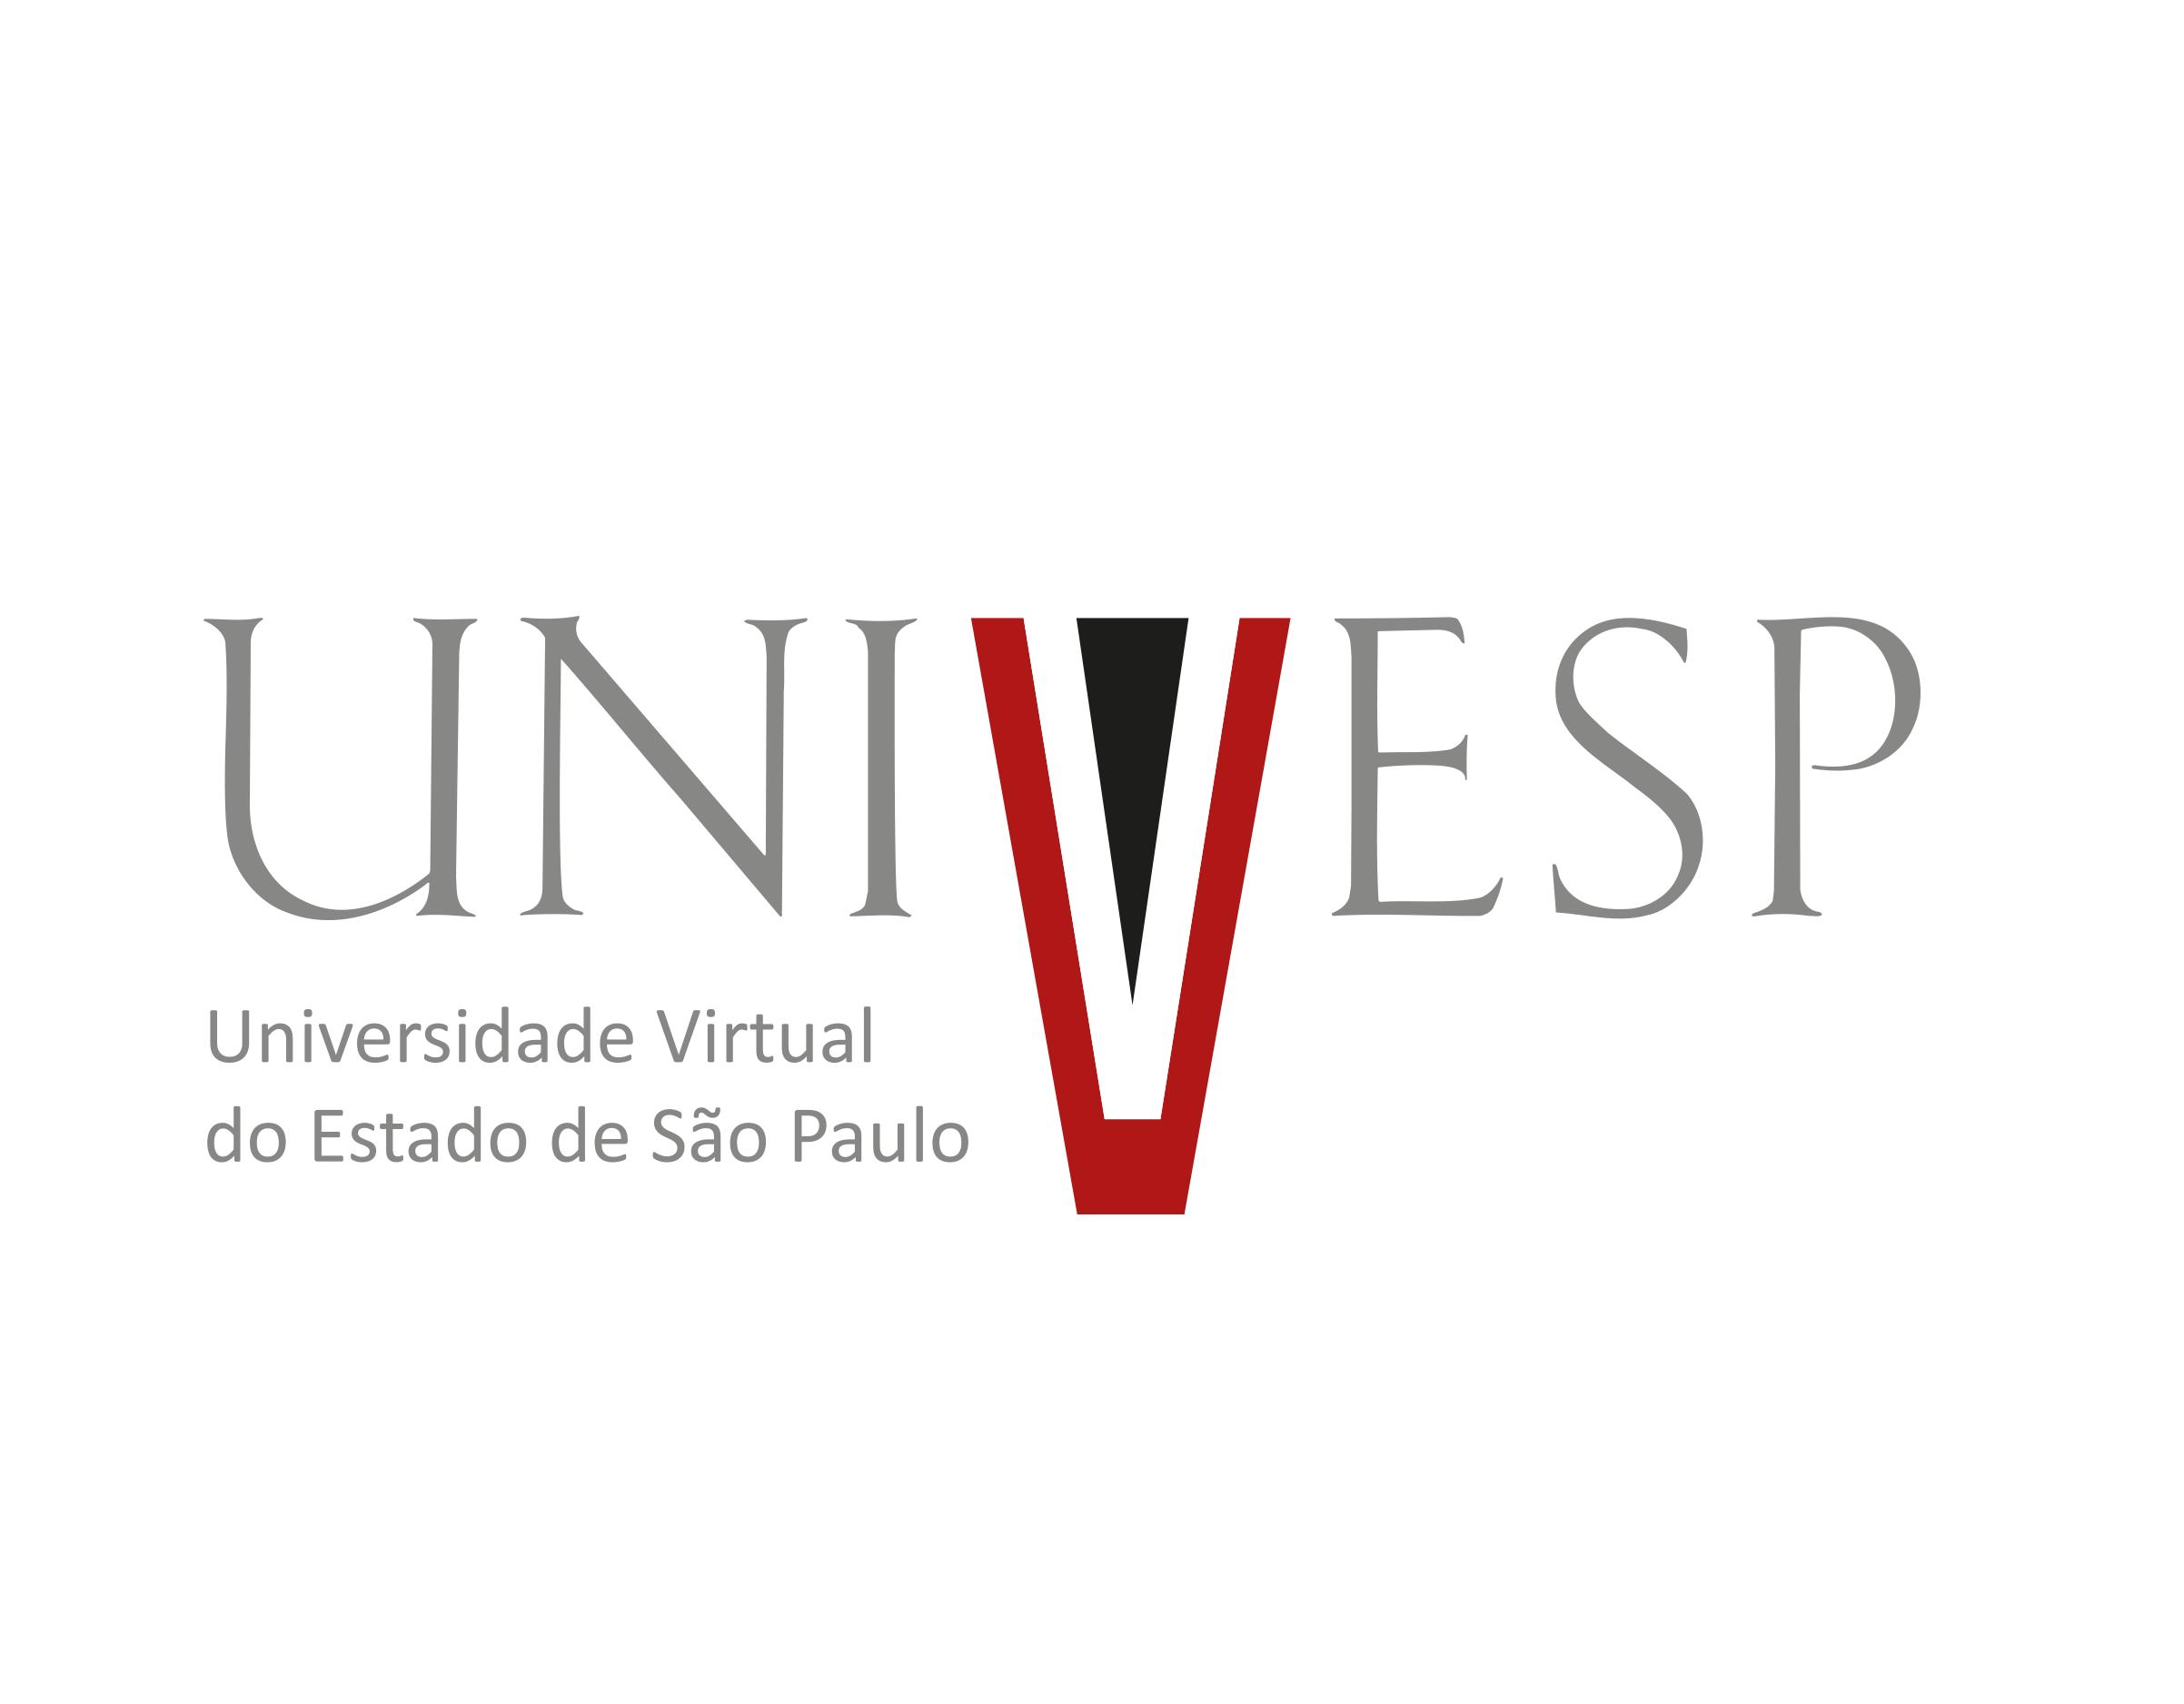 Universidade Virtual do Estado de São Paulo